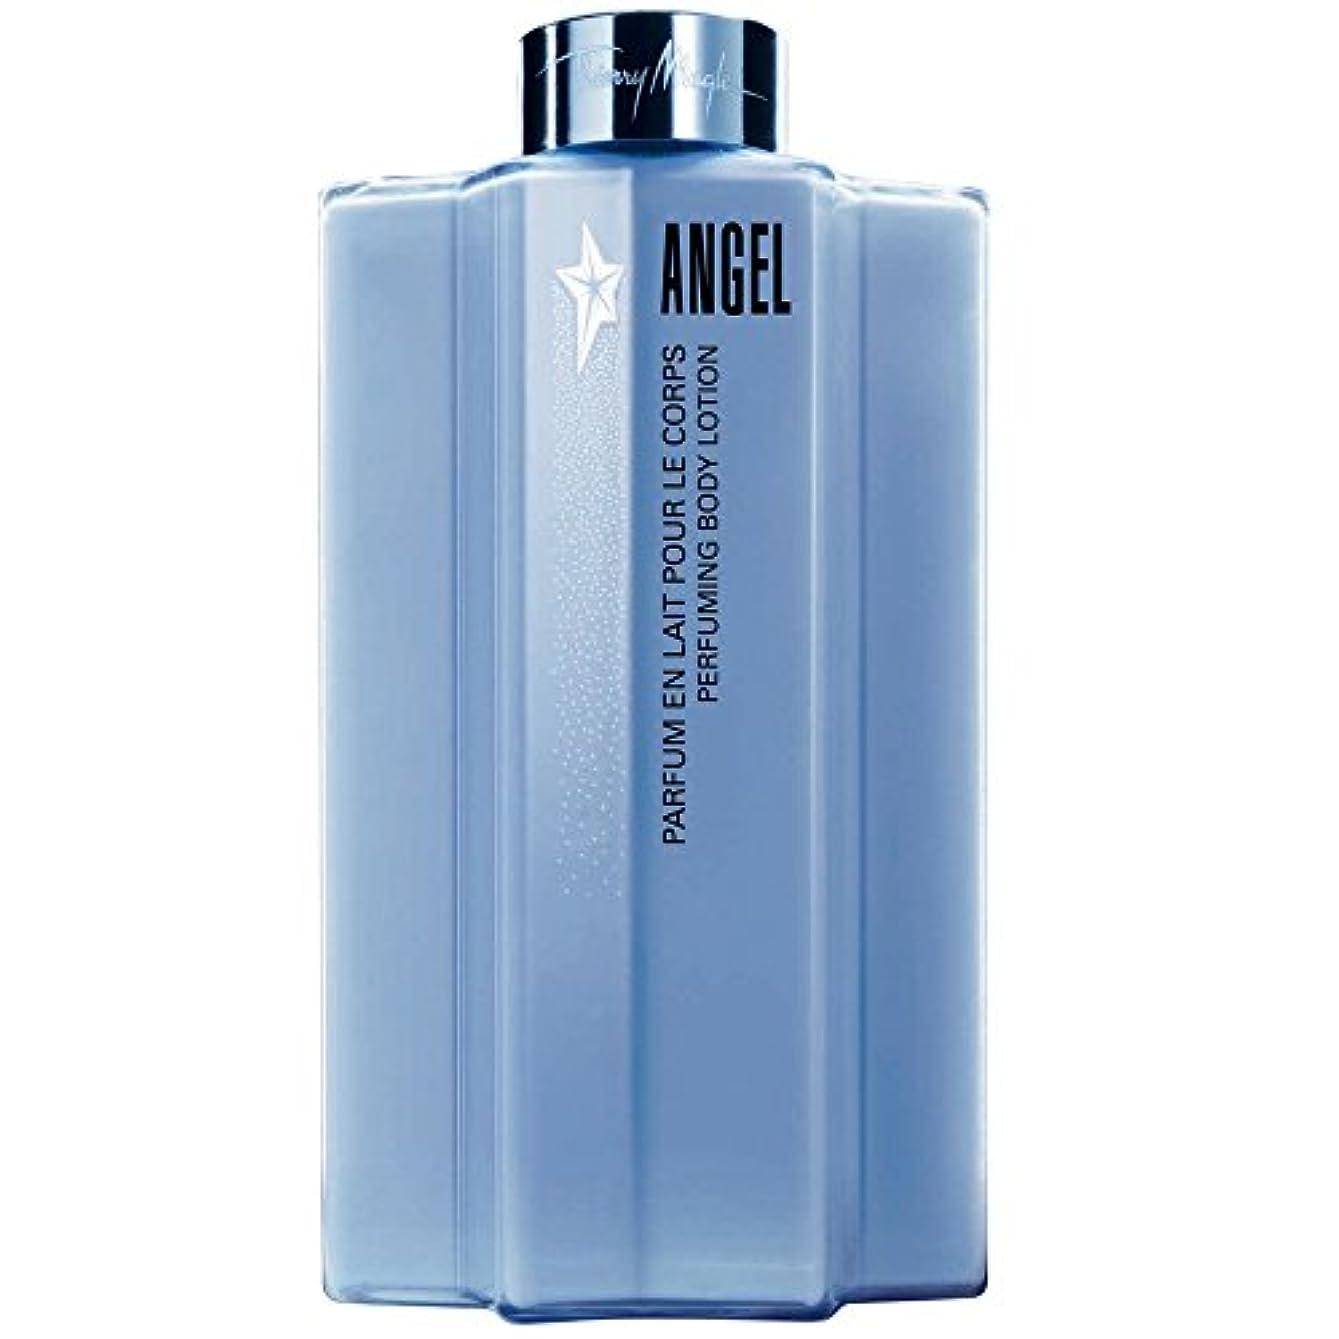 ストライドテンションブローティエリー?ミュグレー天使のボディローション (Thierry Mugler) (x2) - Thierry Mugler Angel Body Lotion (Pack of 2) [並行輸入品]